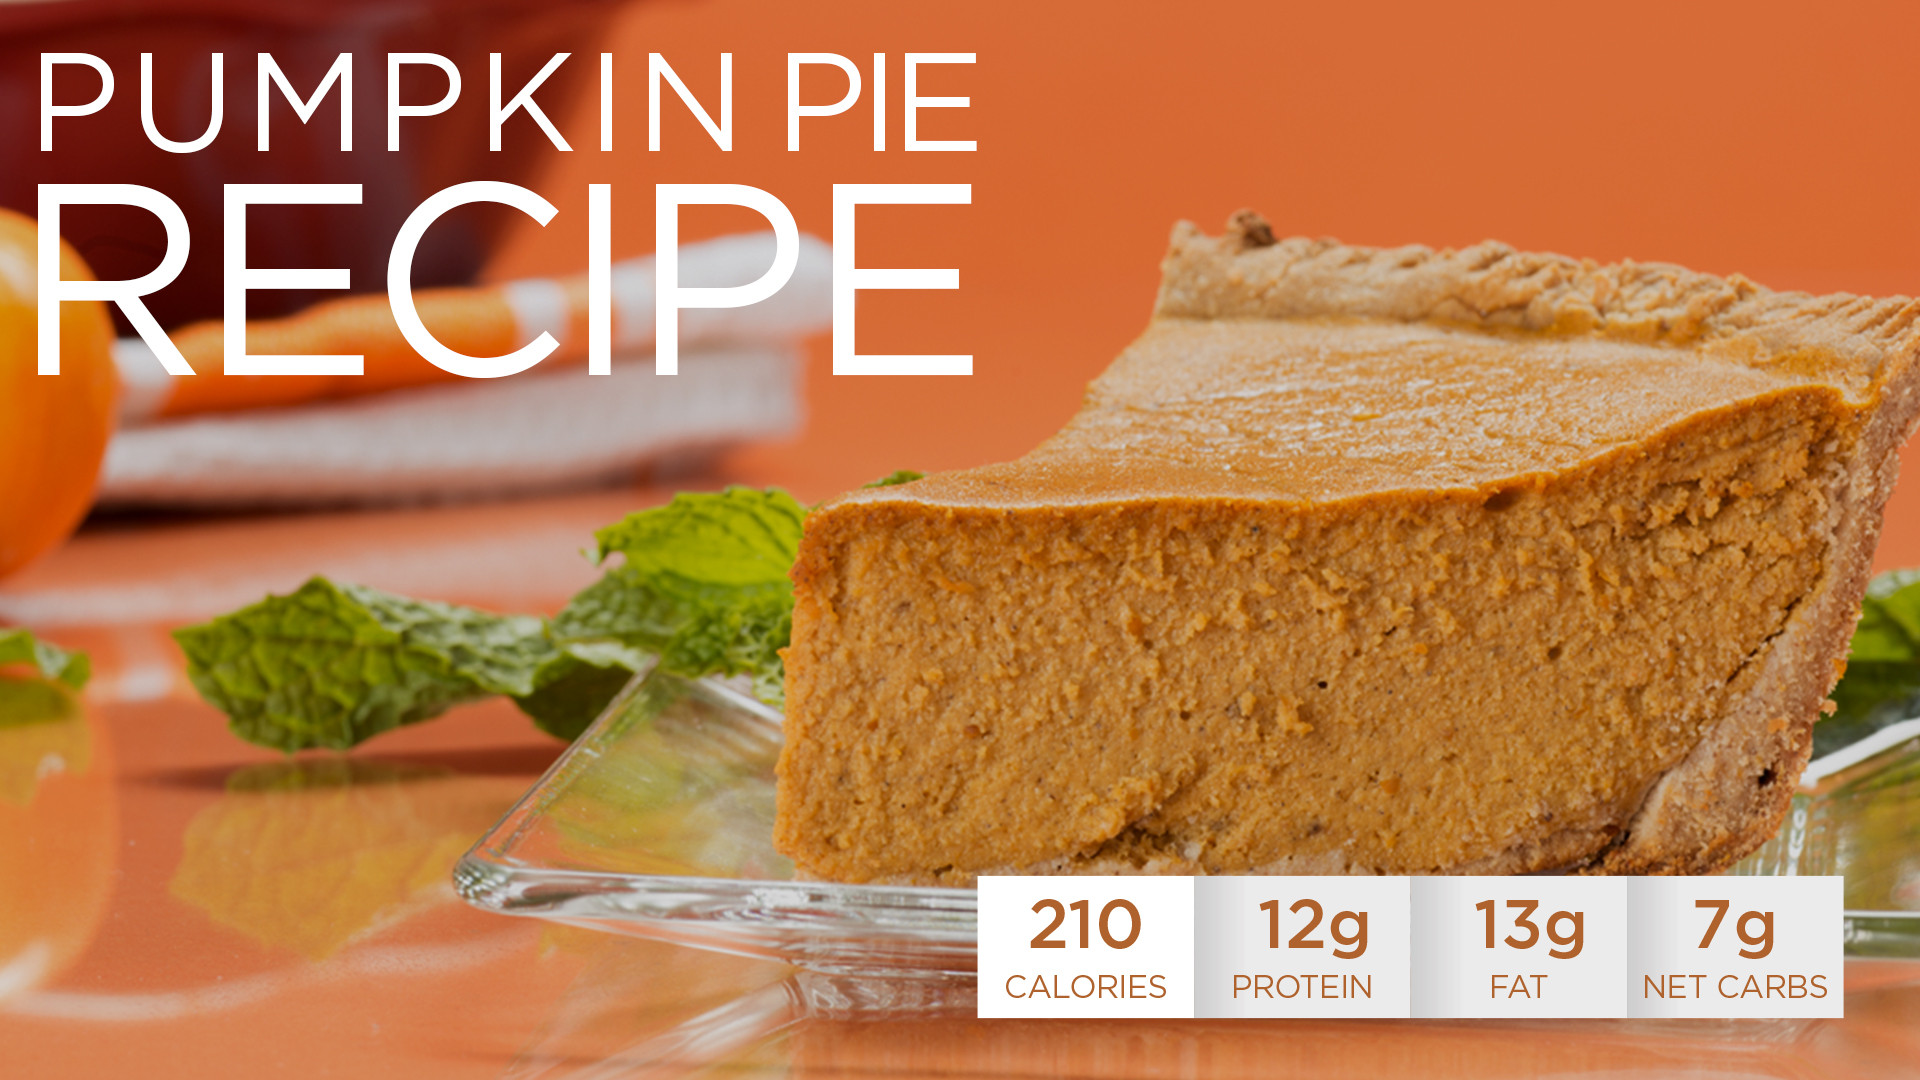 Pumpkin Pie Nutrition  pumpkin pie